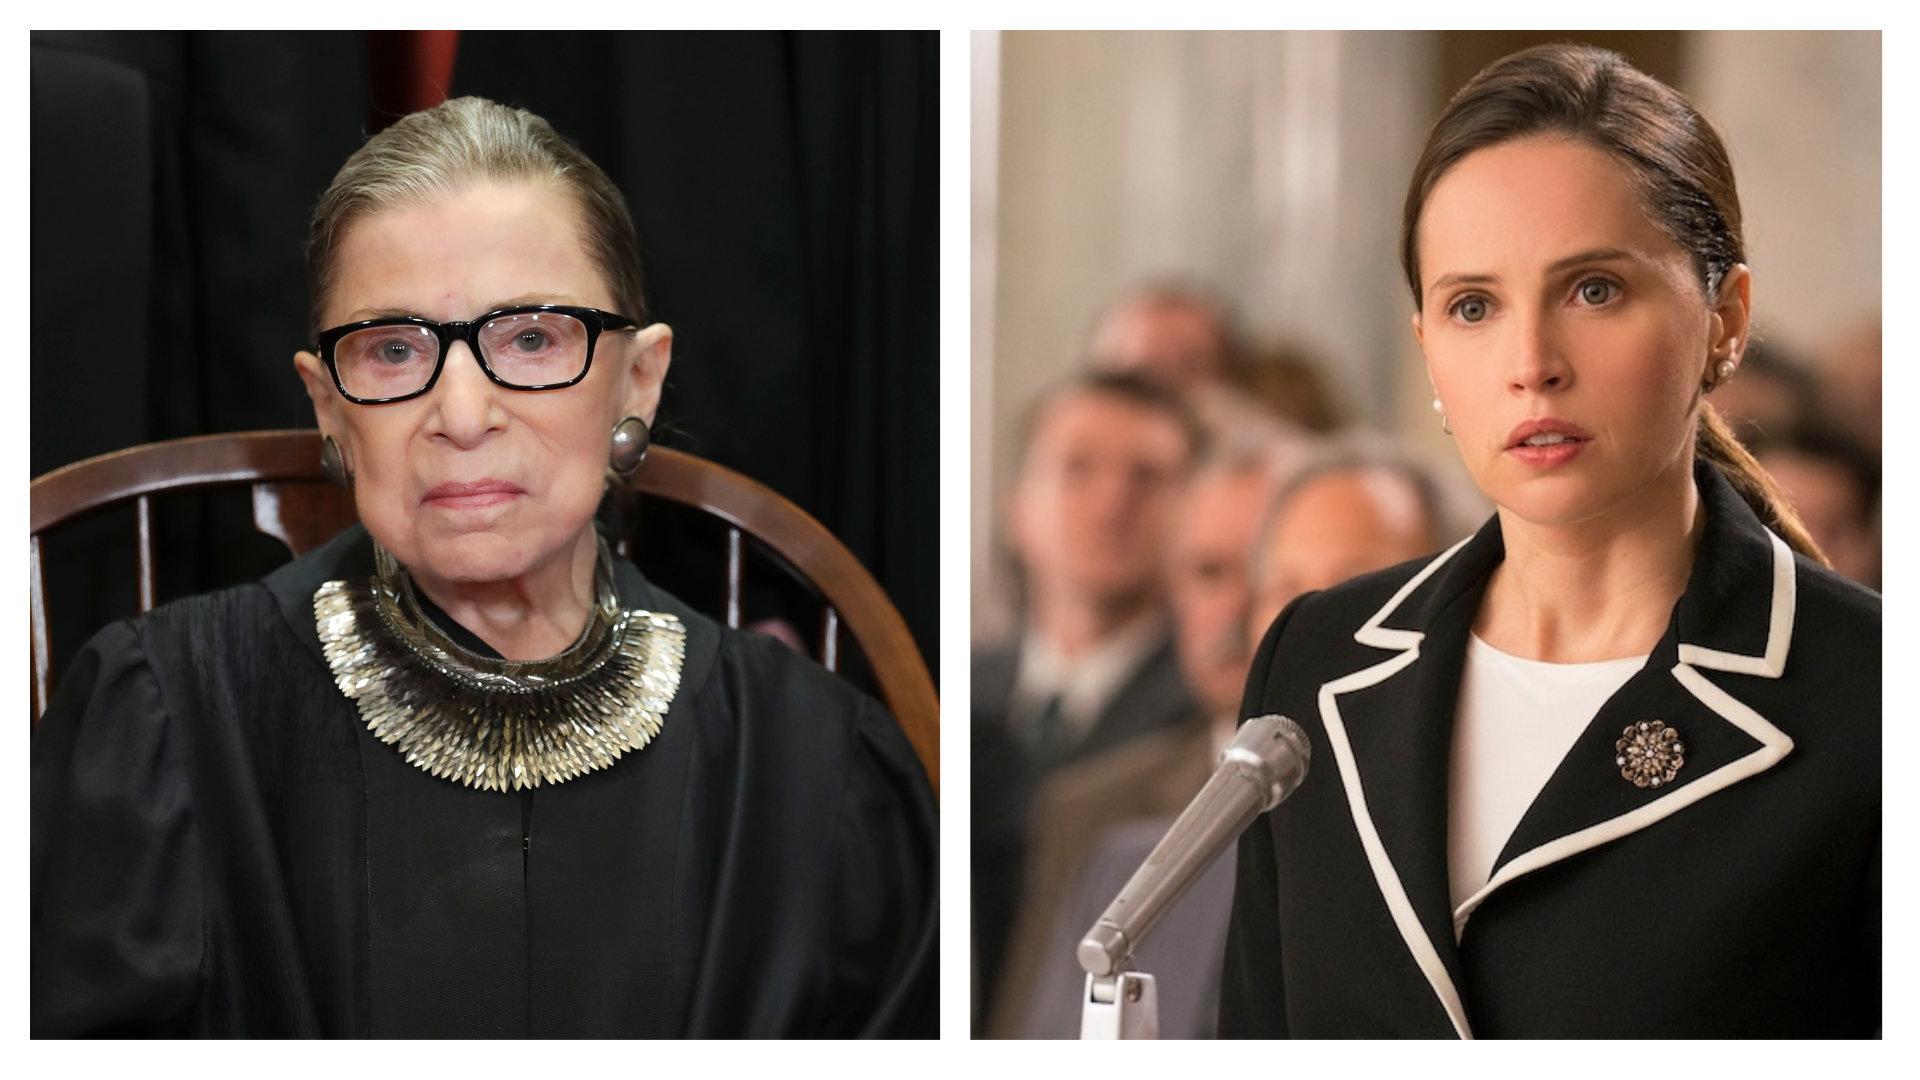 「女性差別は男性をも苦しめる」━━アメリカ最高裁判所の女性判事が、ポップアイコンとなるまで